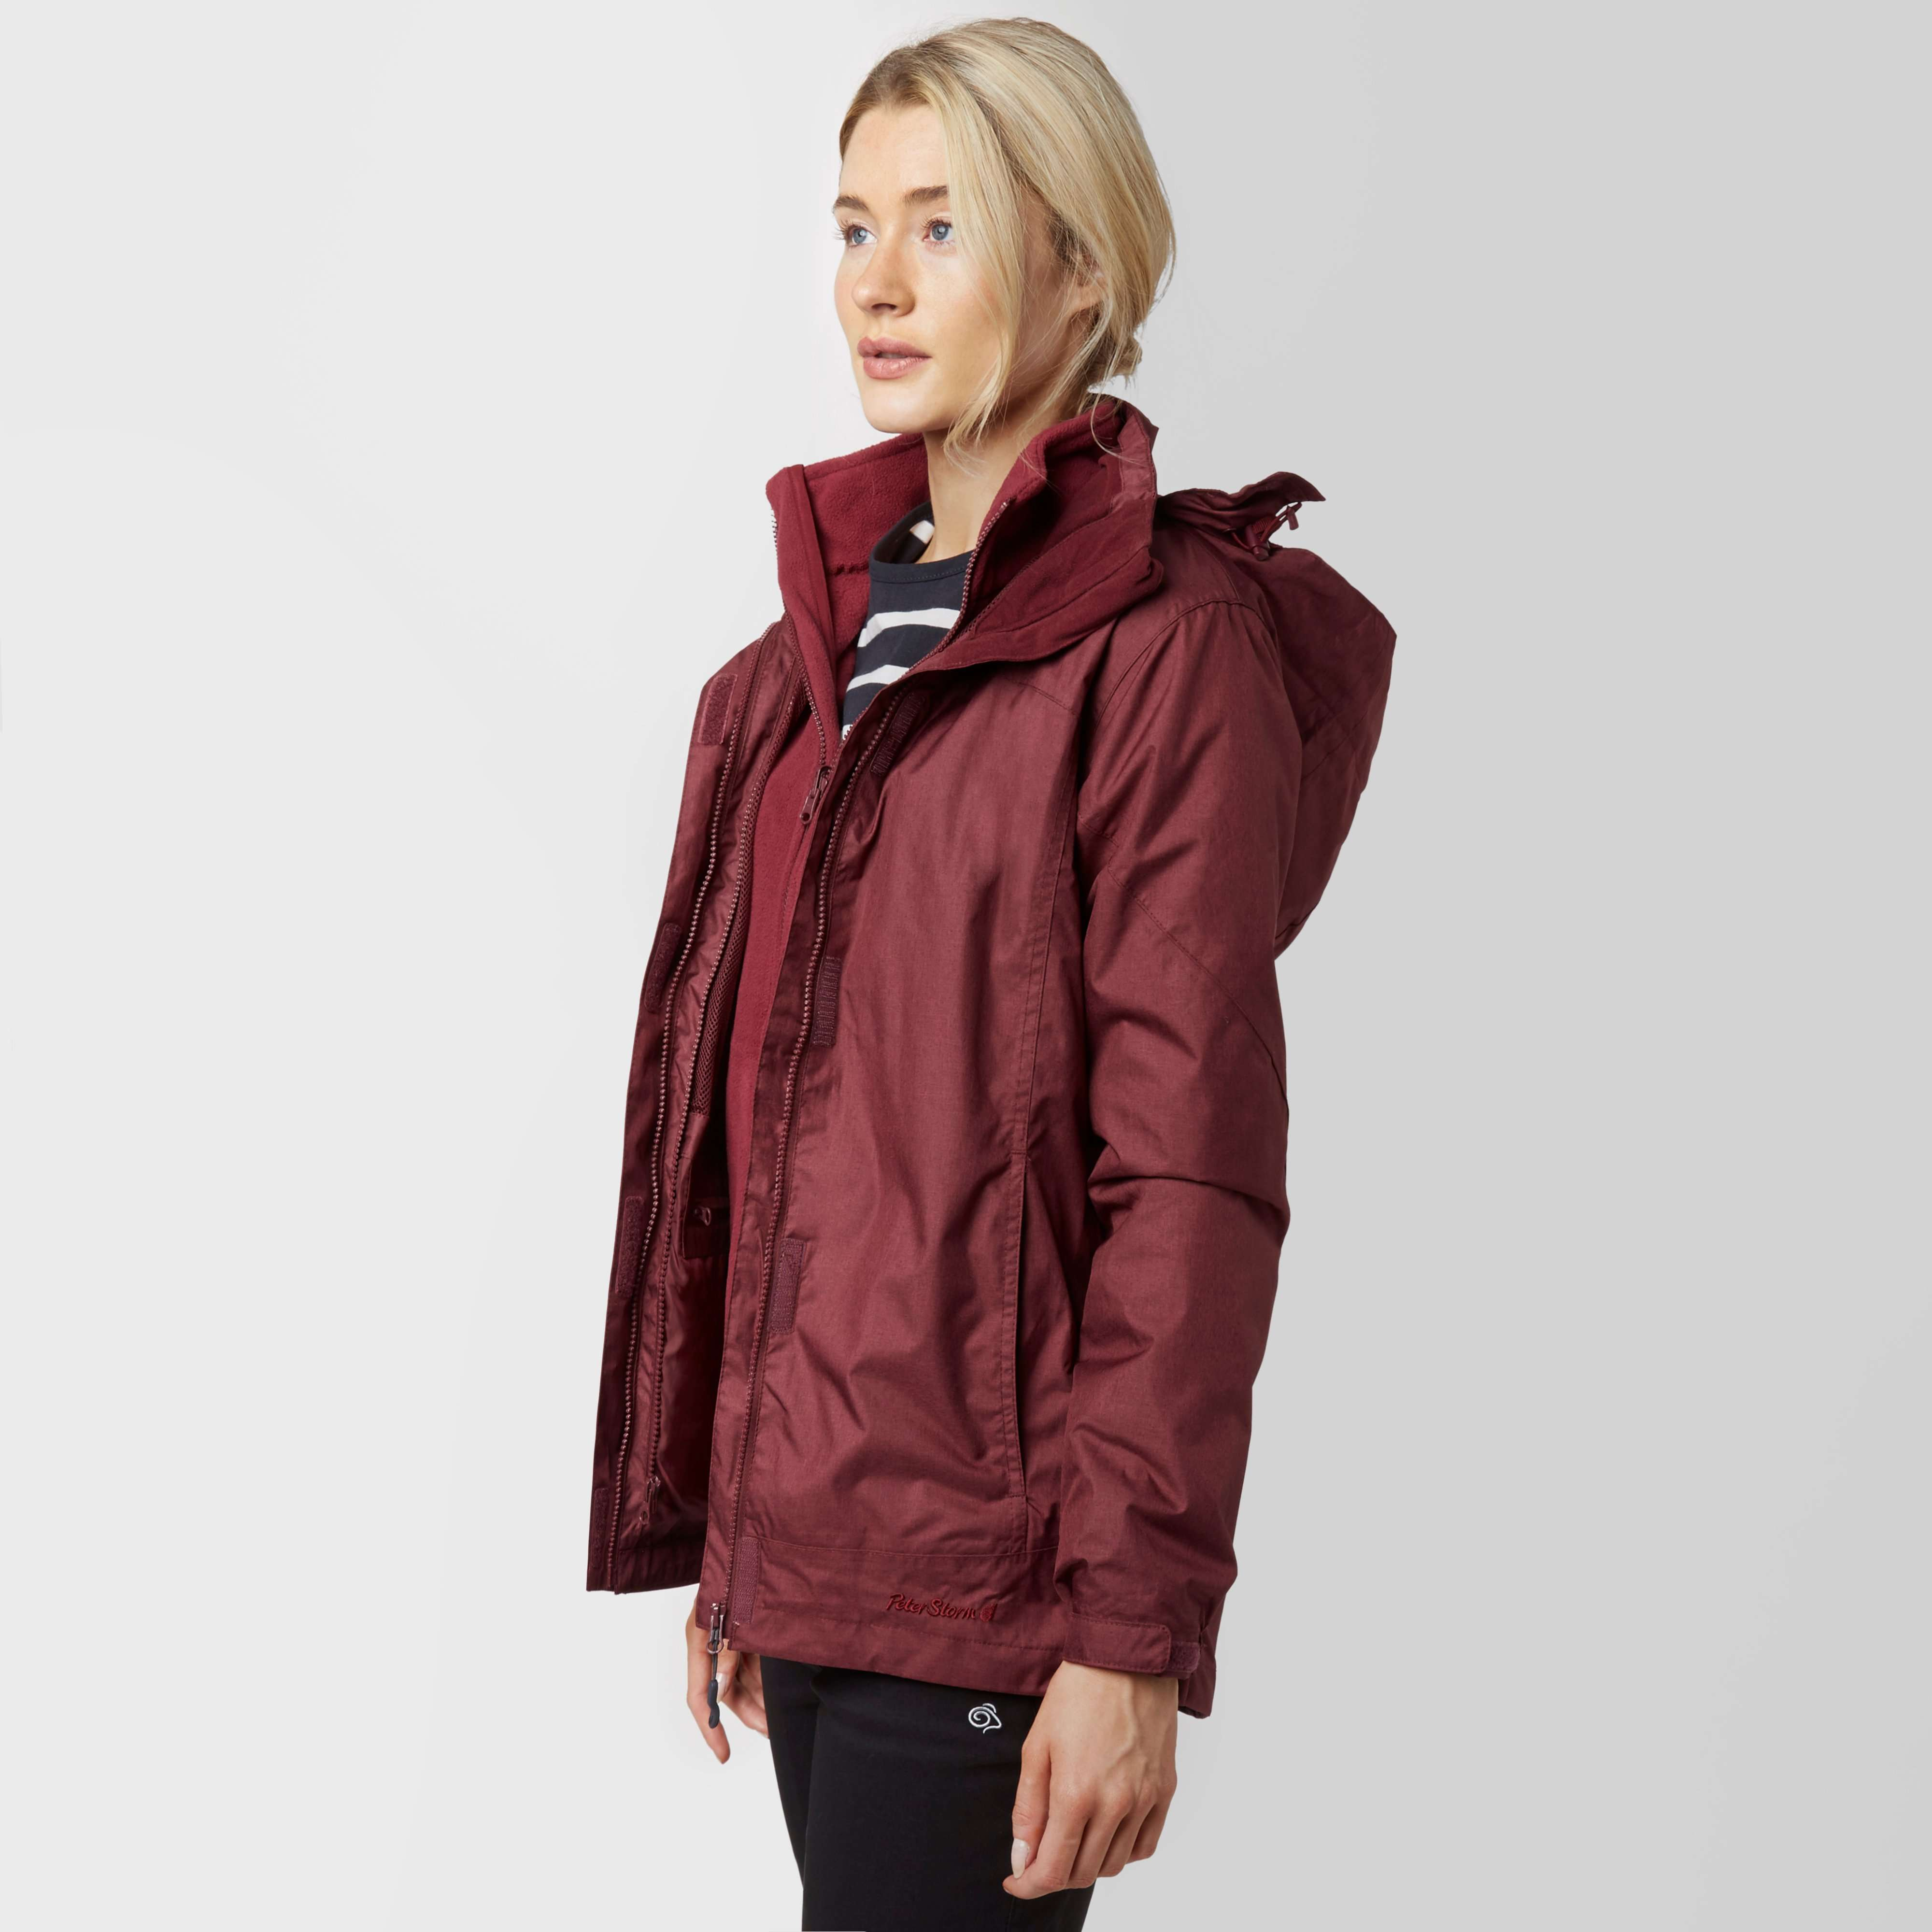 PETER STORM Women's Gina 3 in 1 Waterproof Jacket